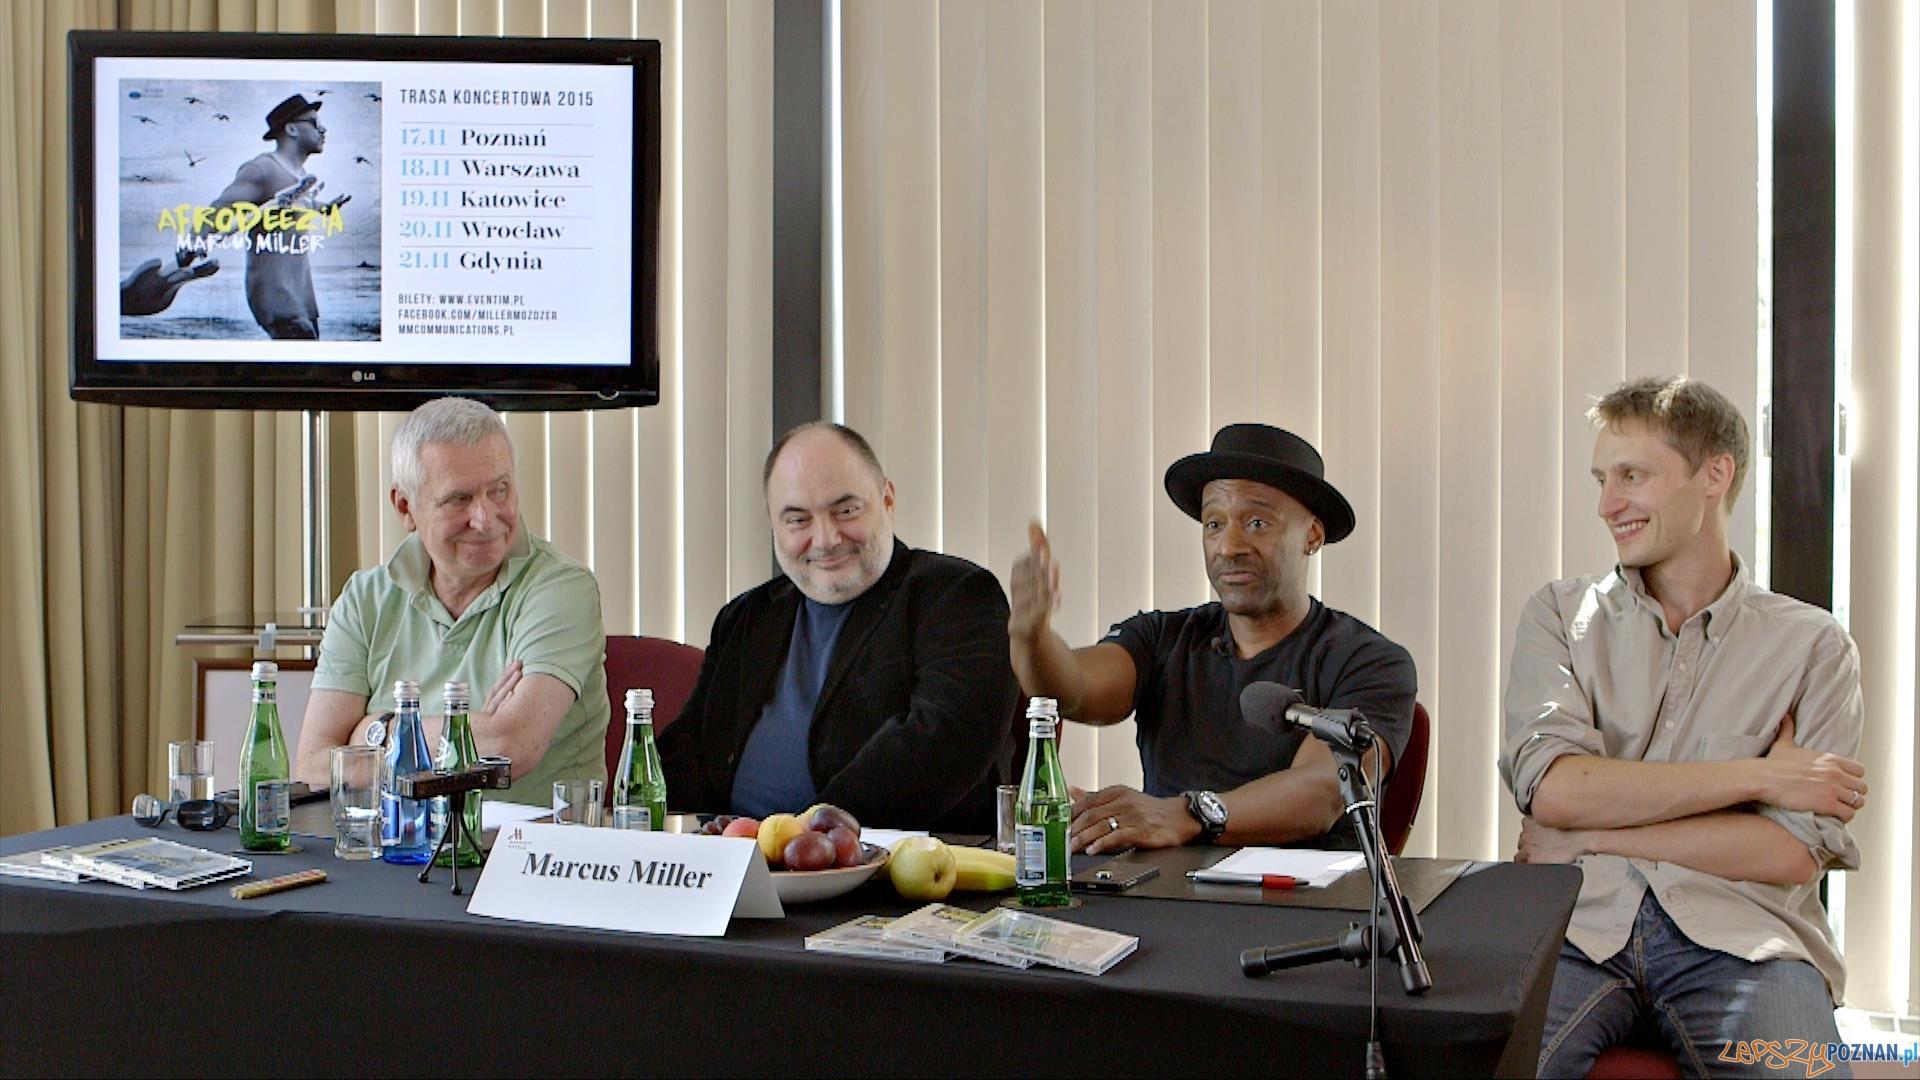 Od lewej Krzysztof Materna, Piotr Rzeczycki (Universal Music Polska), Marcus Miller, Mateusz Pohoryles (MM Communications)  Foto: https://www.facebook.com/MillerMozdzer/